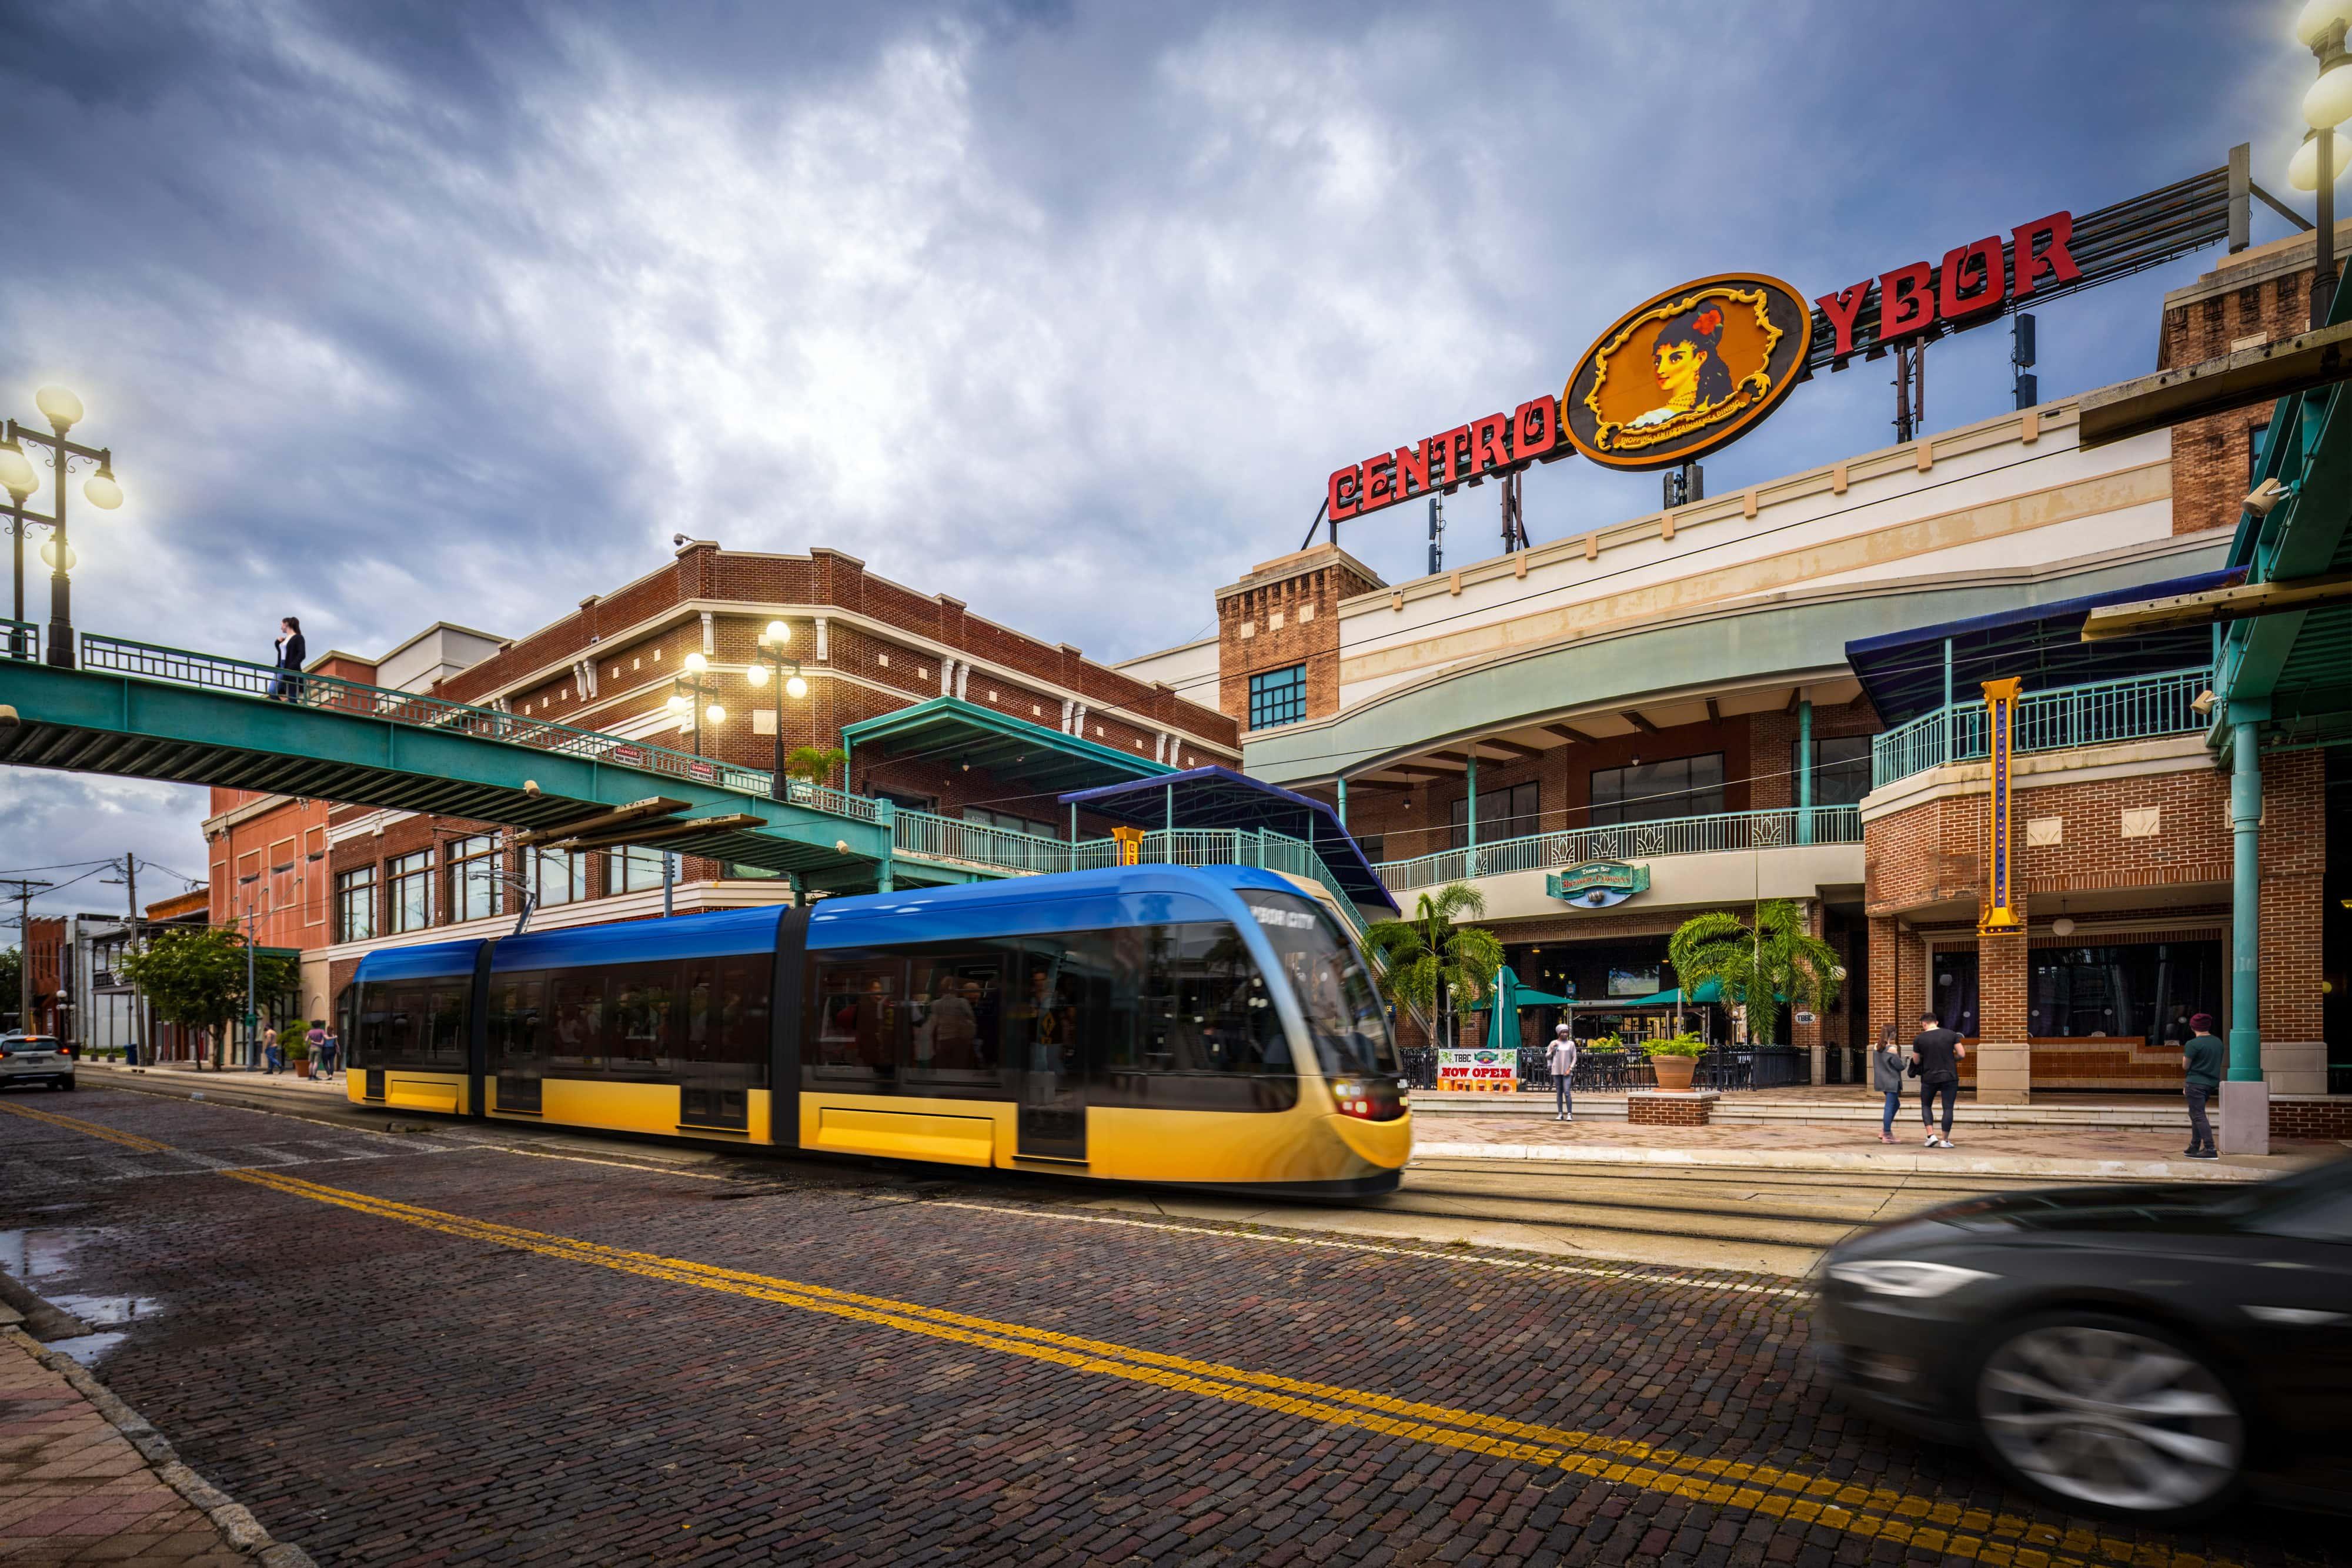 Tampa_Streetcar_Centro_Ybor_2020_0824-4000x2667.jpg